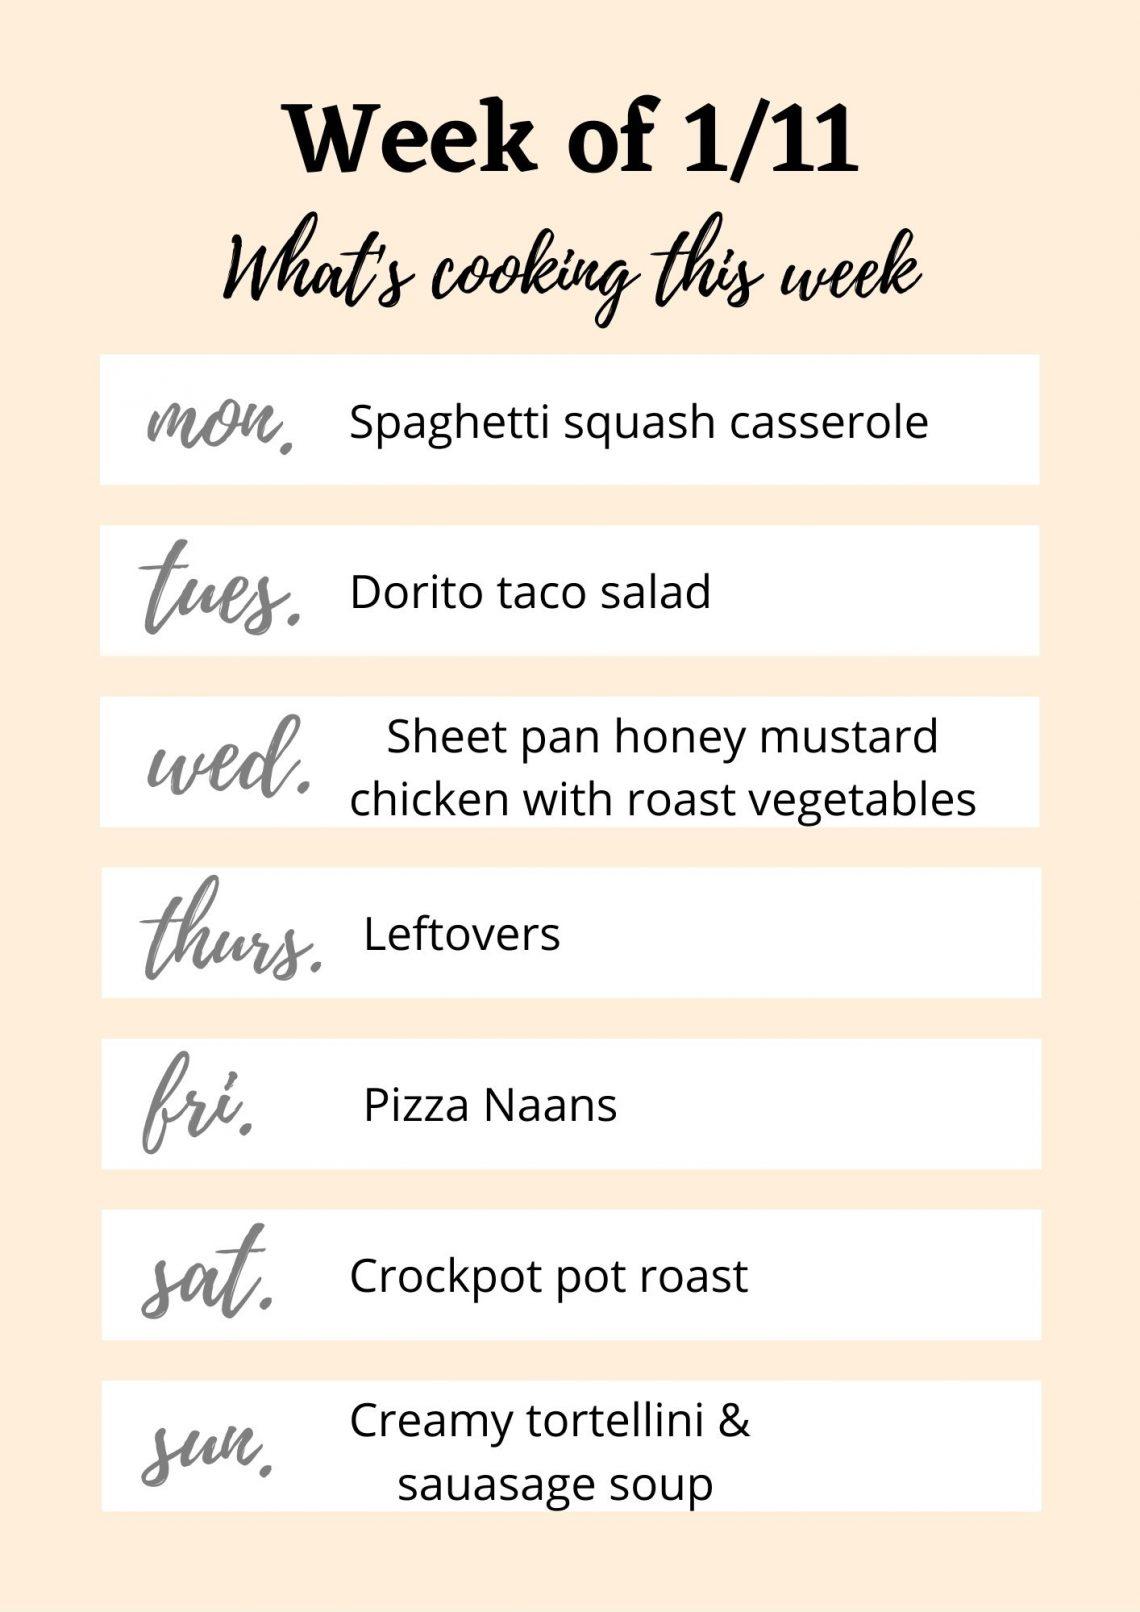 Week of 1/11 meal plan